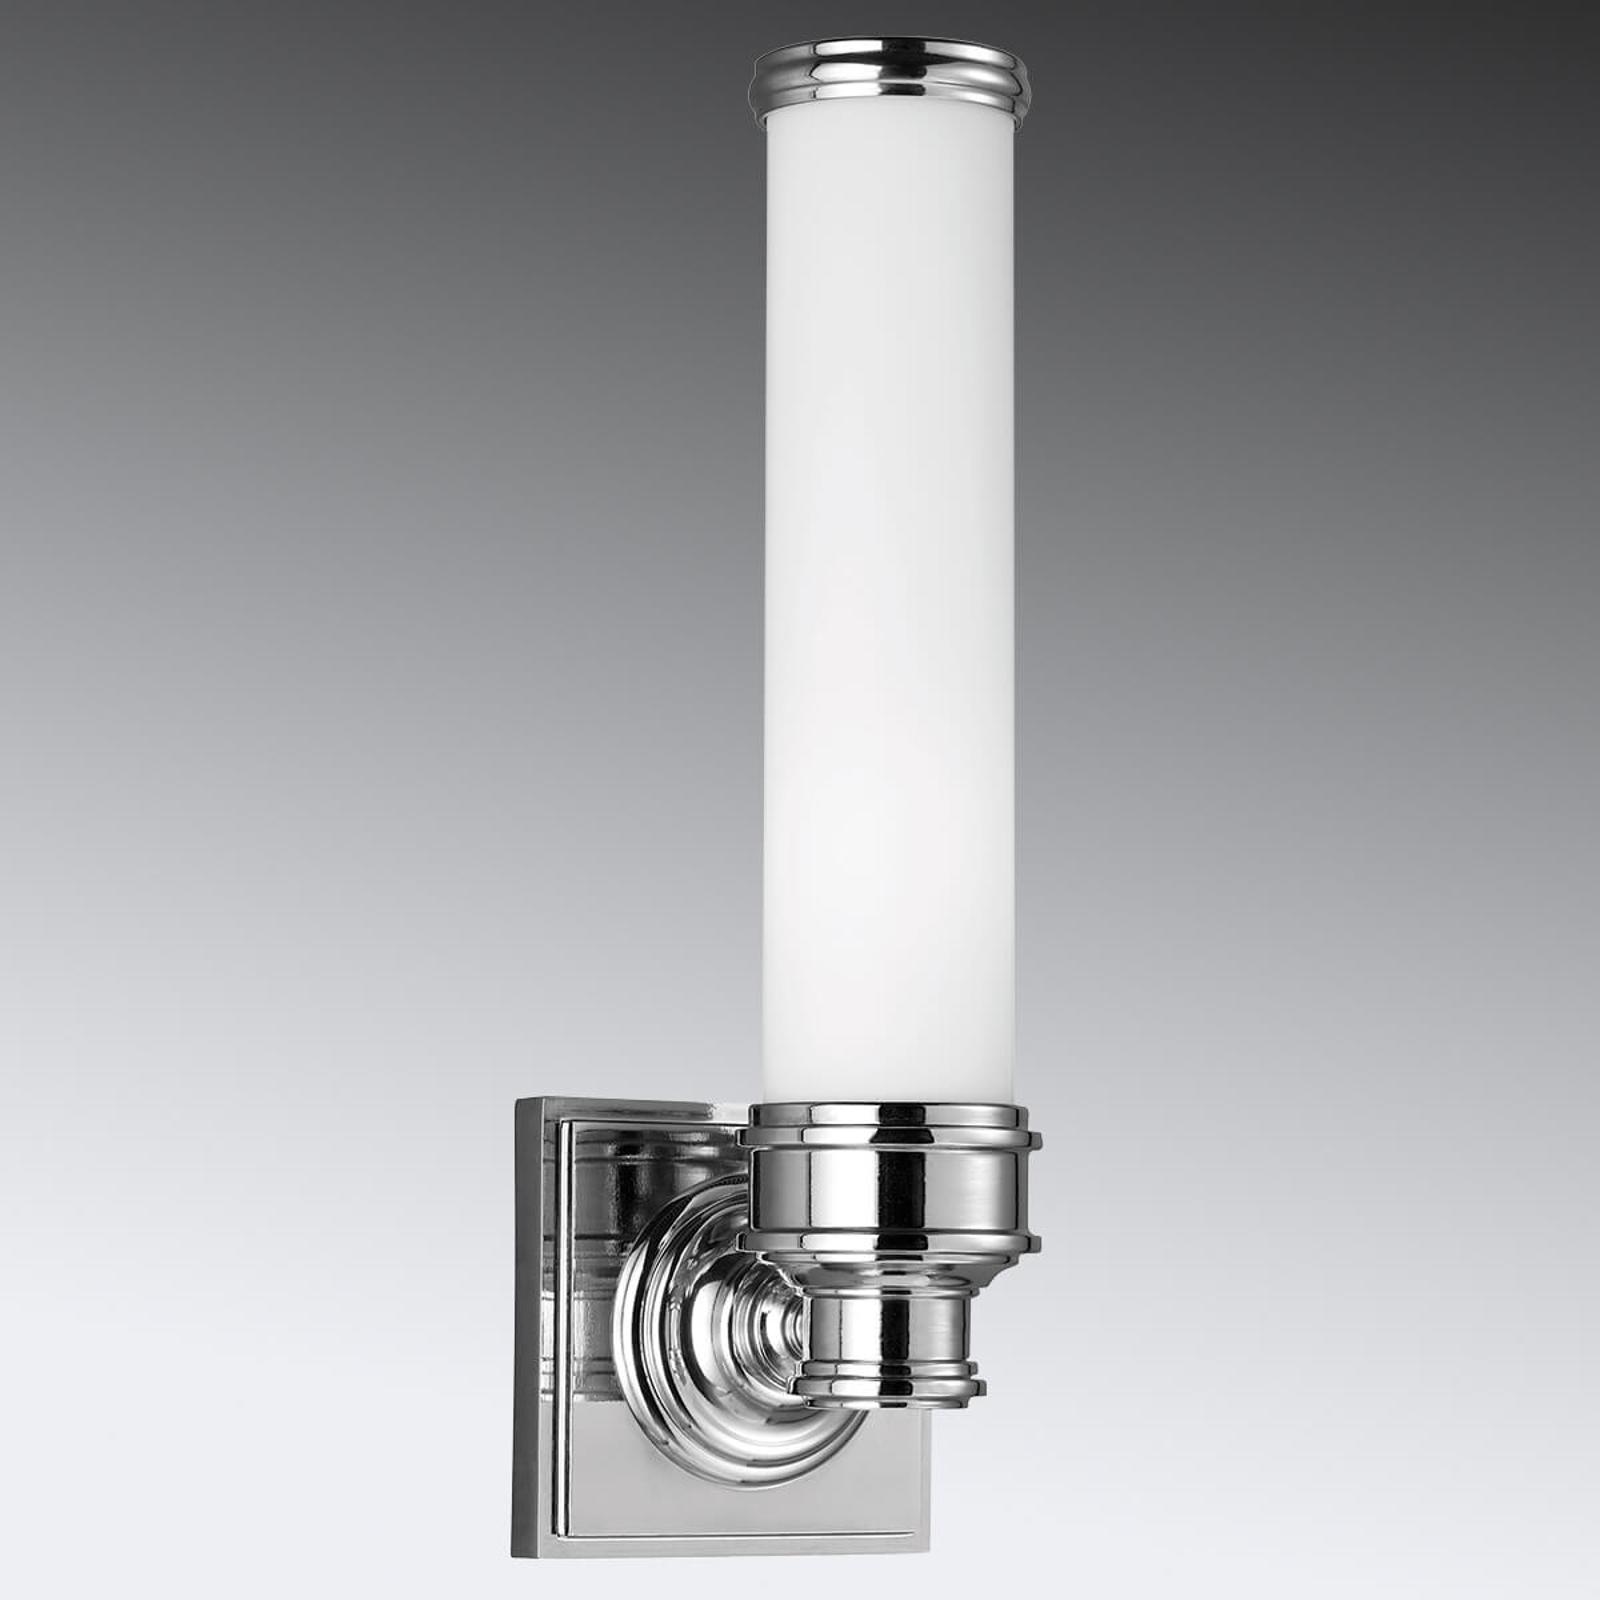 Applique LED Payne pour la salle de bains